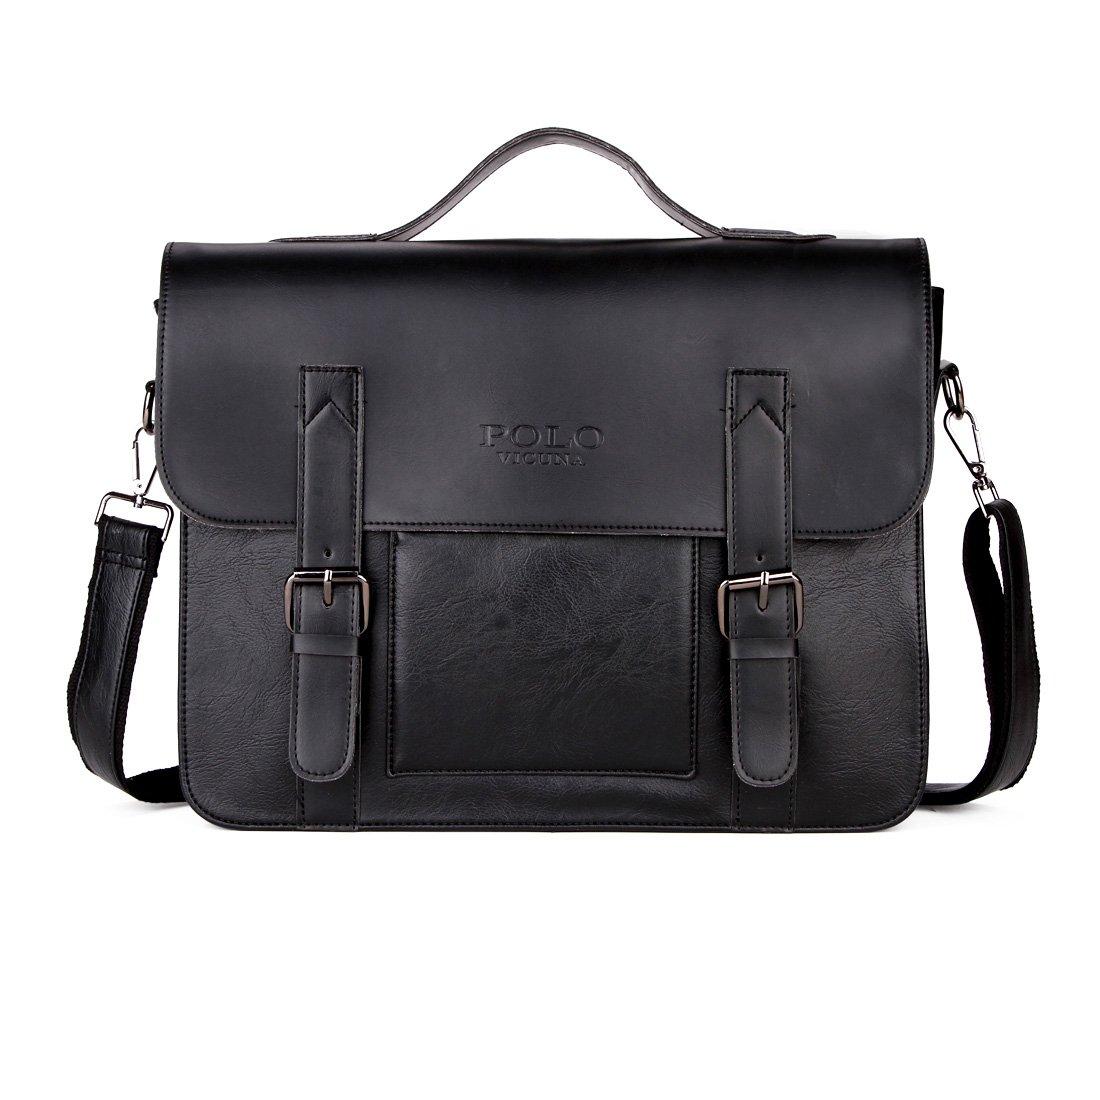 VICUNA POLO Messenger Bag For Men Briefcase Bag Leather Laptop Bag Shoulder Bag (black)